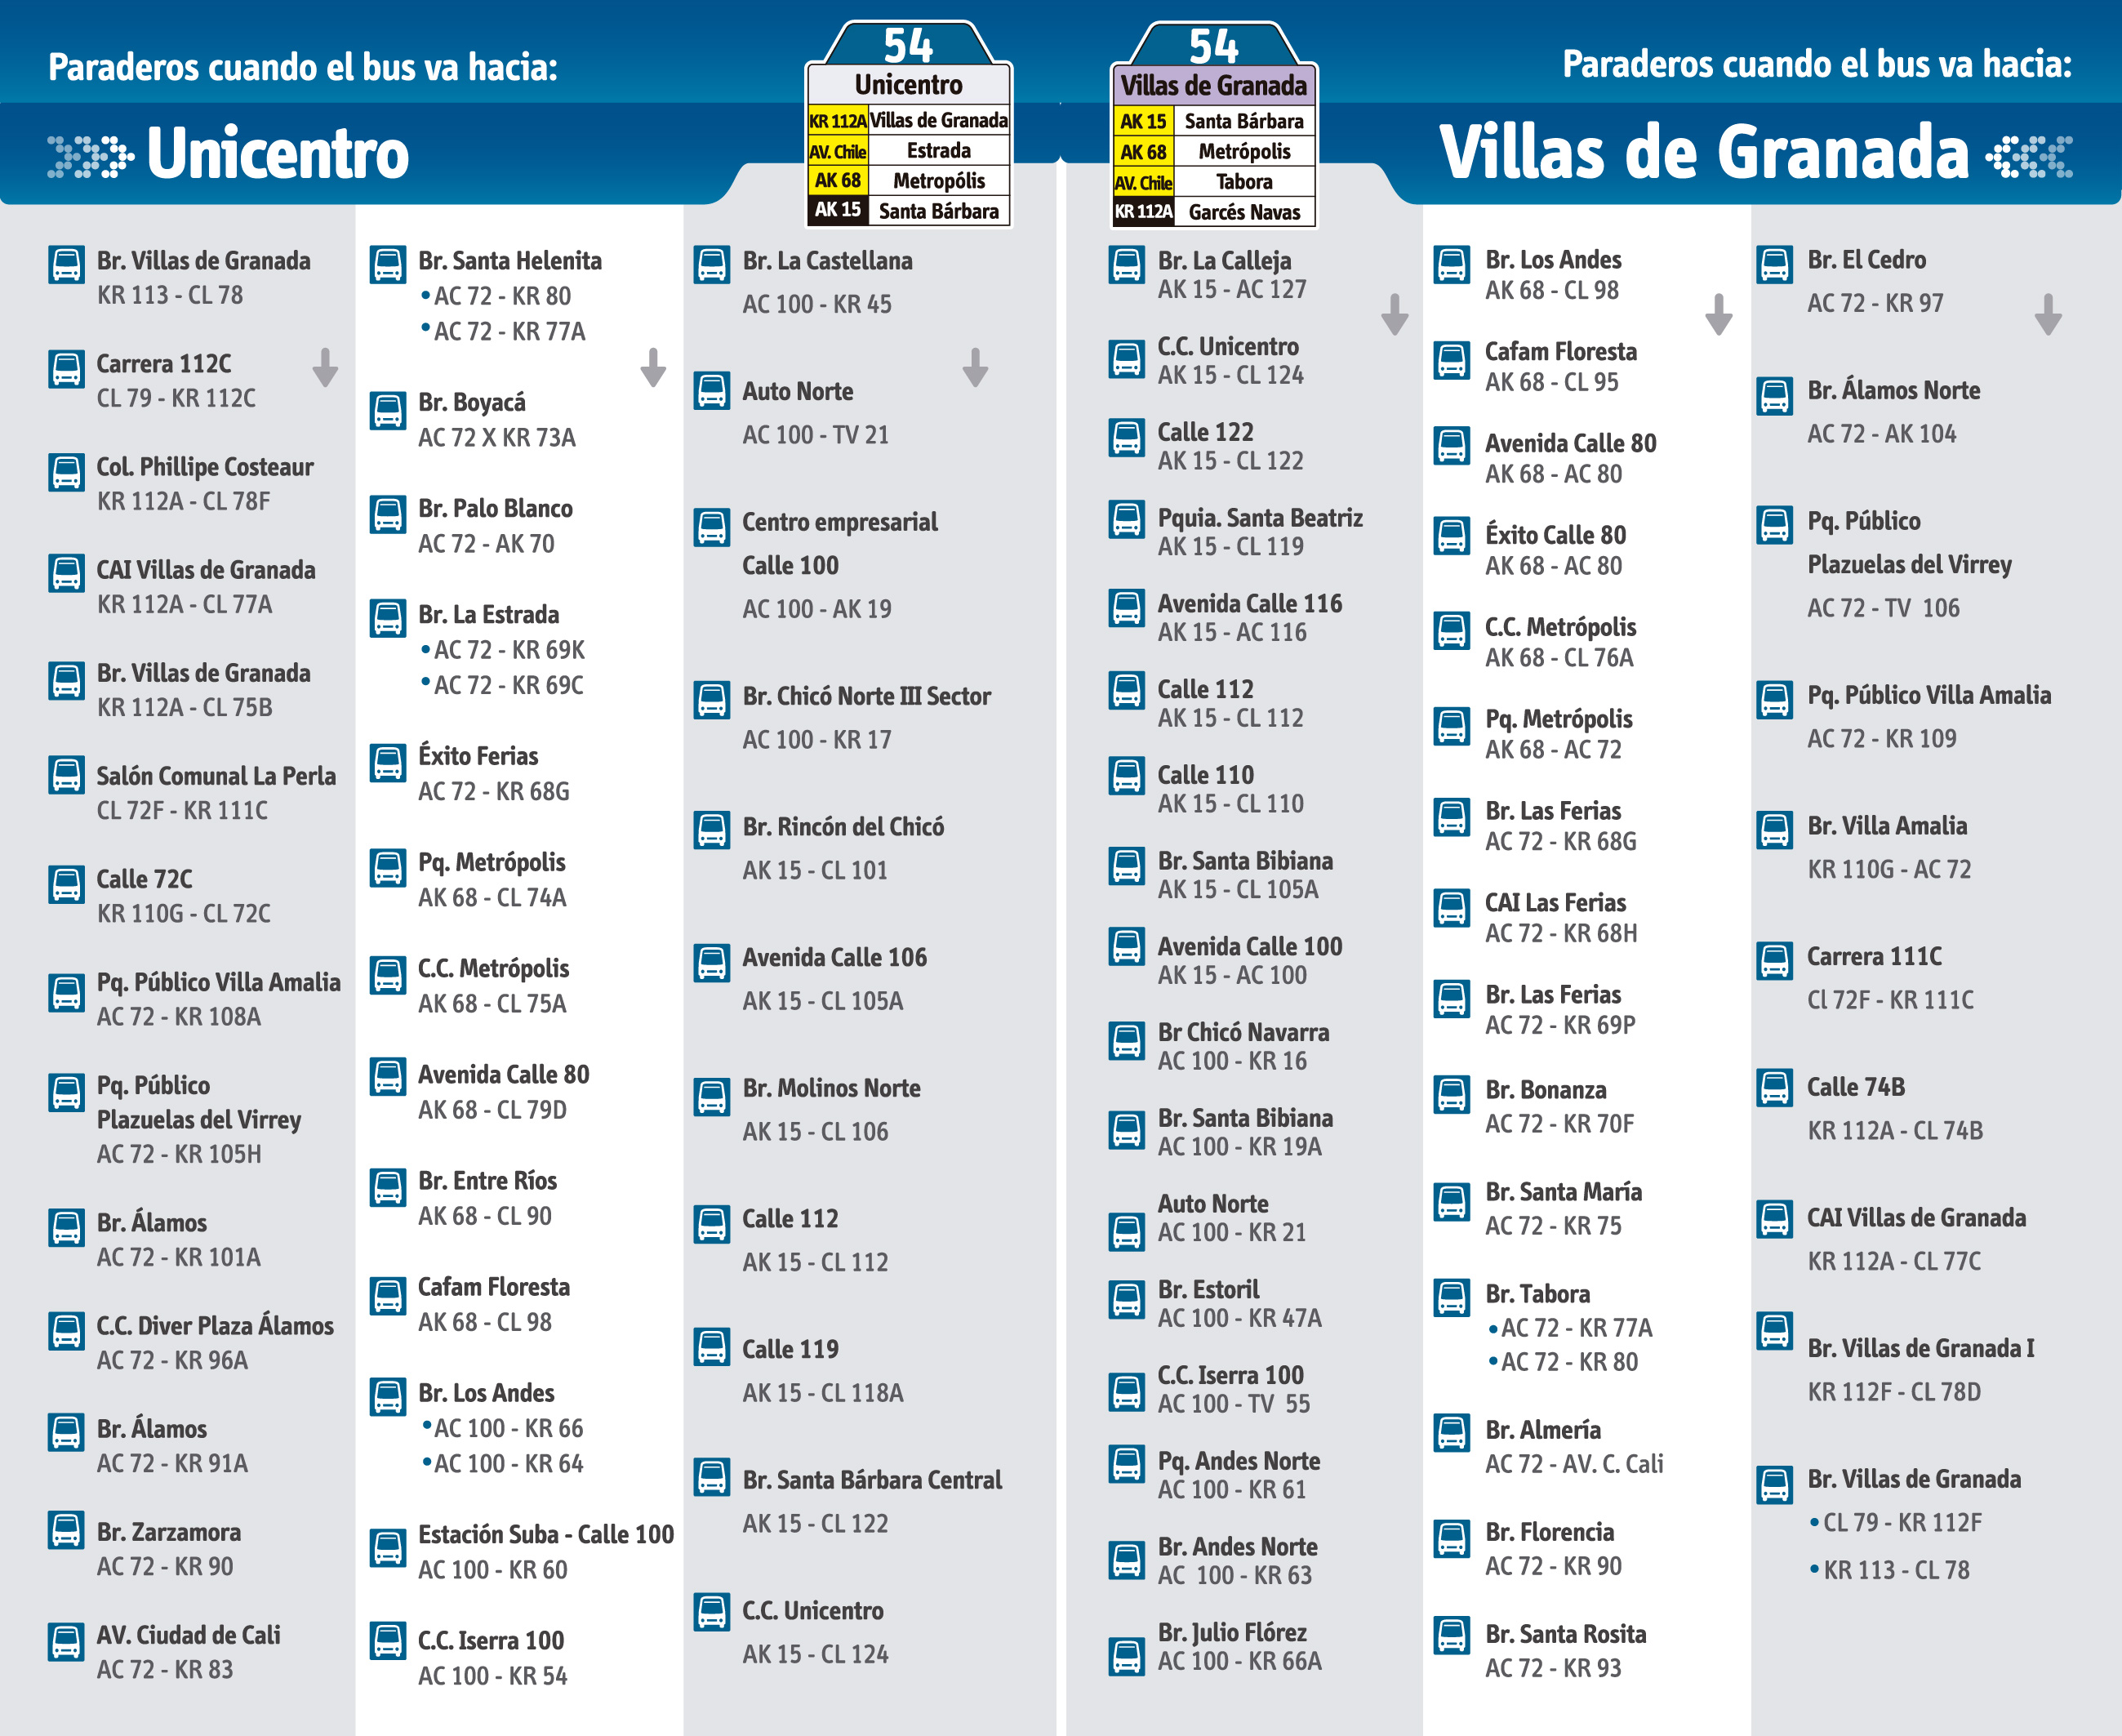 Anuncian oficialmente la ruta 54 unicentro villas de for Villas de granada